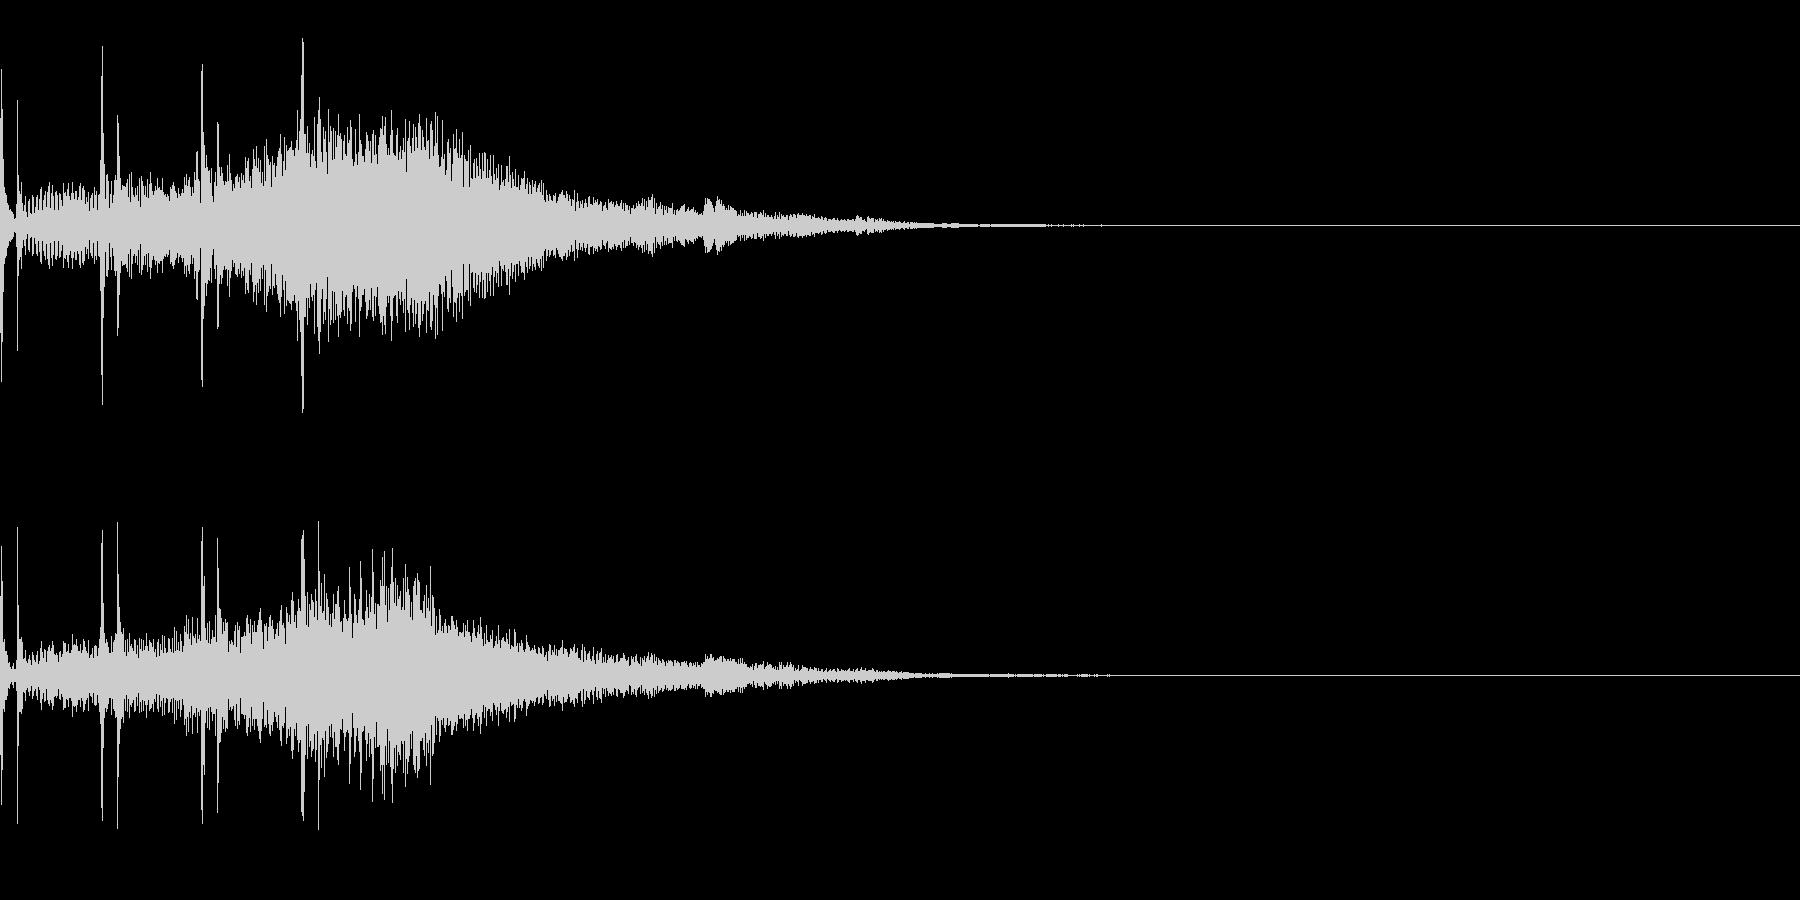 オセロ リバース ゲーム 裏返るの未再生の波形